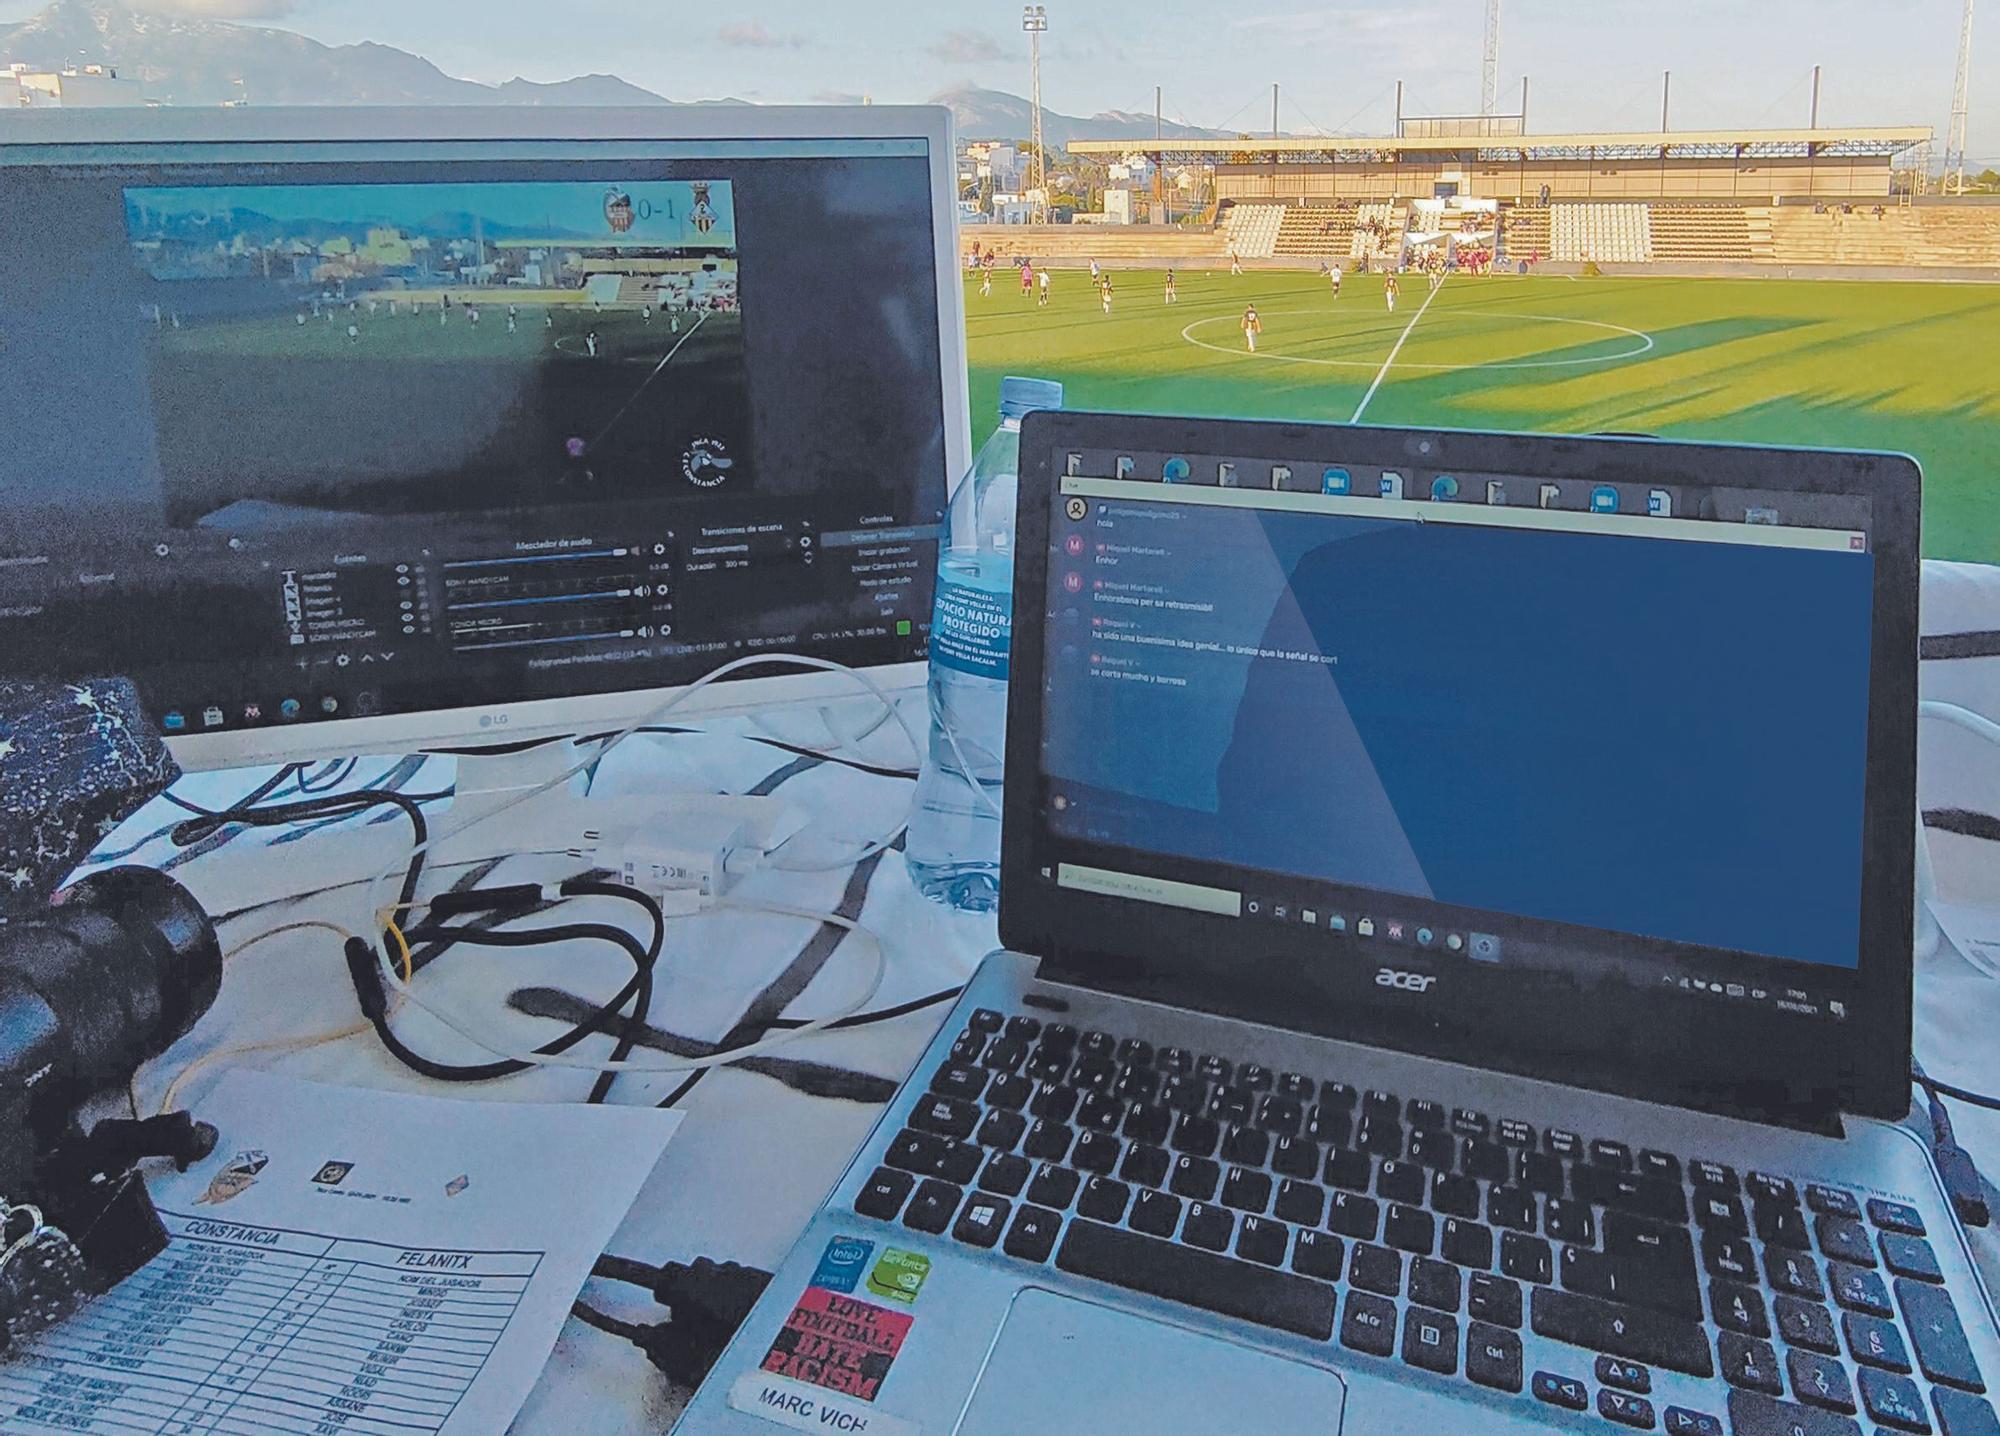 Imagen de la mesa de control en el partido de Tercera entre Constancia y Felanitx.